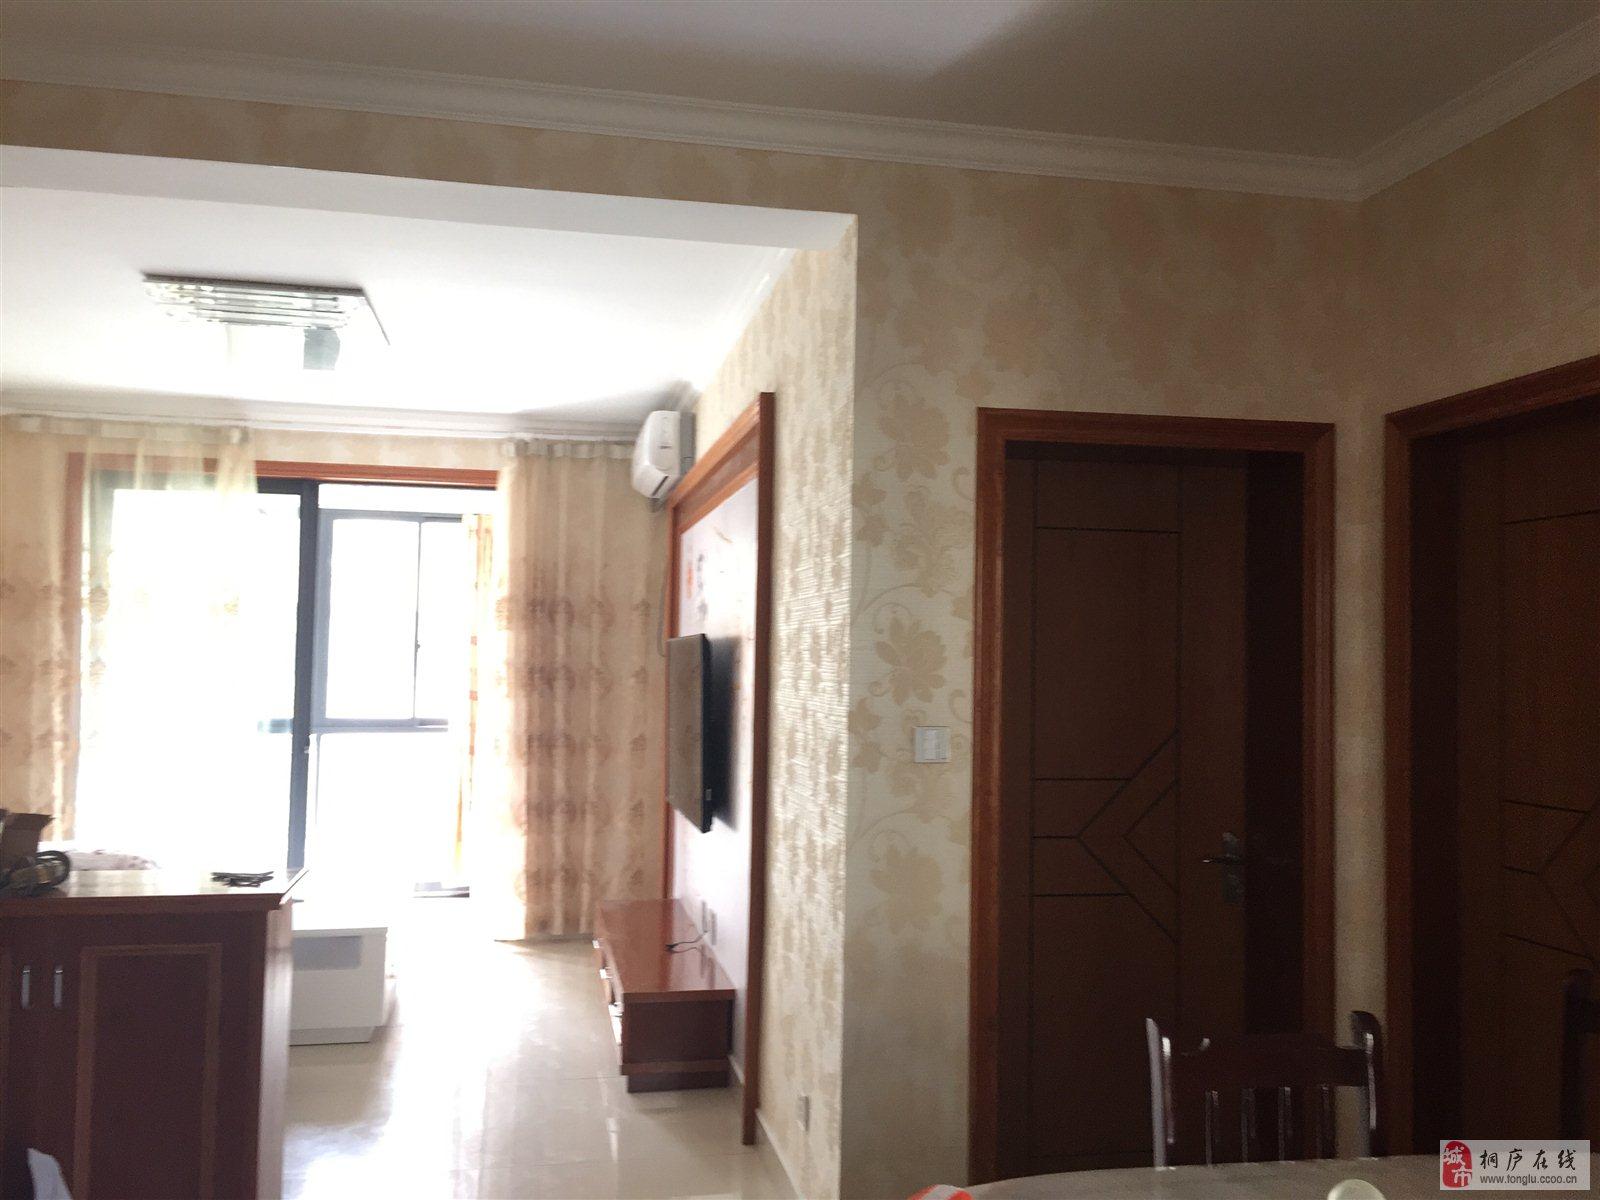 二室一厅欧式房子外观设计图展示